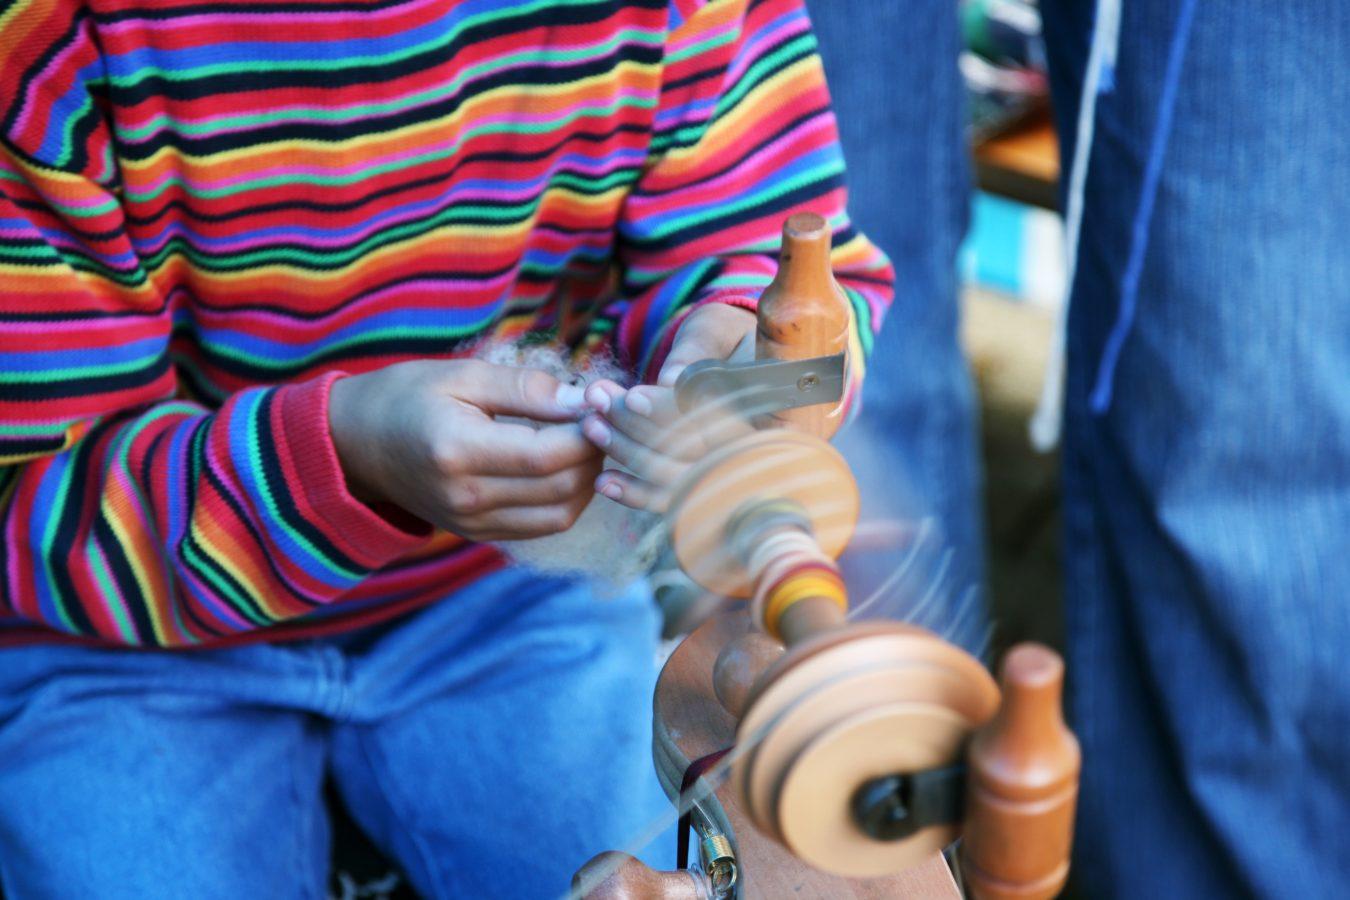 Et barn på jobb spinner garn. Bevegelsesuskarphet på rokk. Foto: Istock